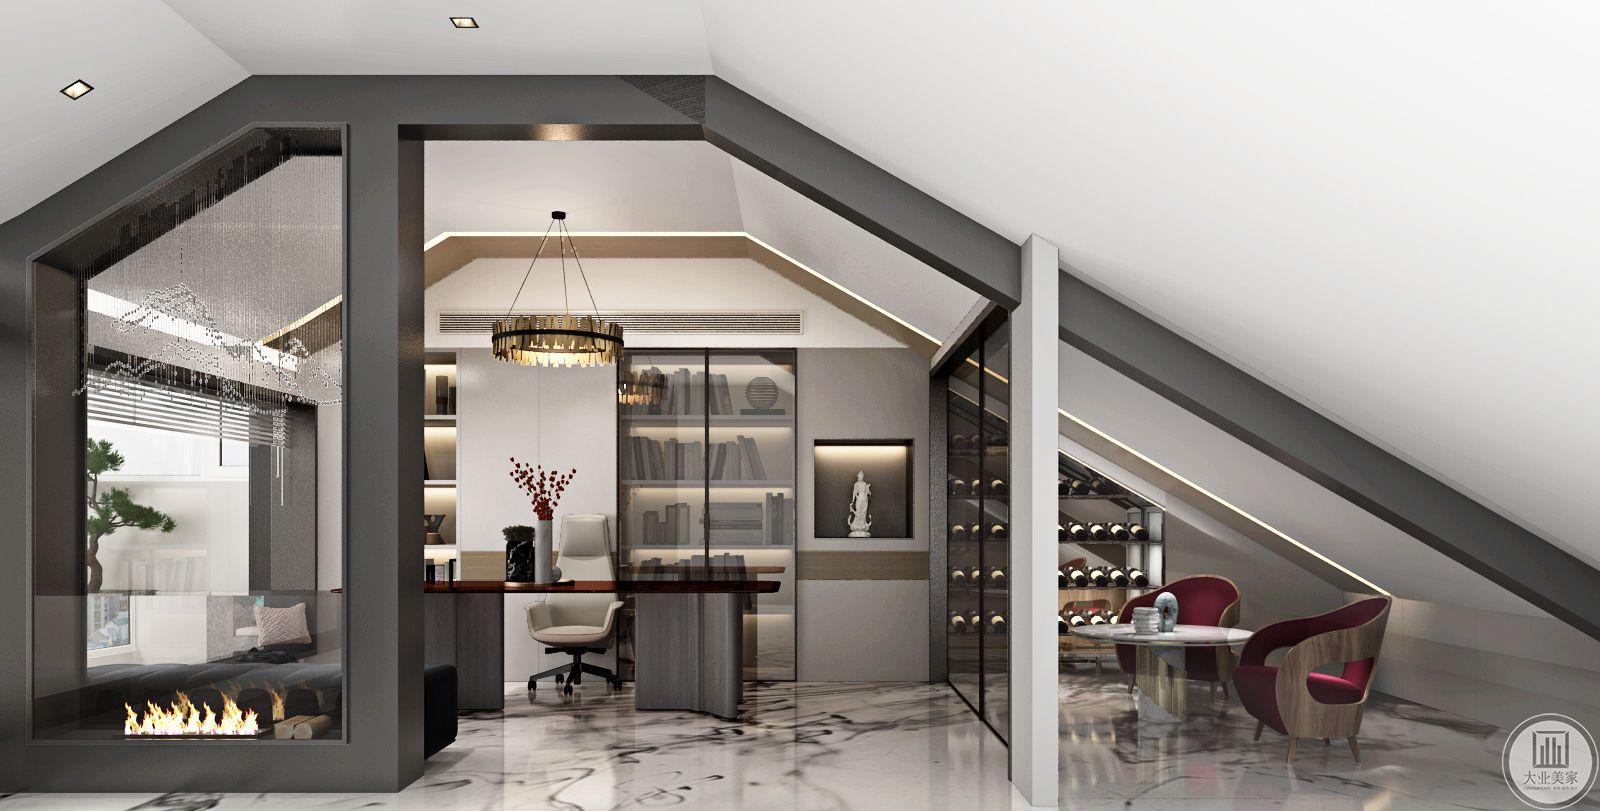 该区域为书房,整体墙面的书架墙,及和客厅相同风格色系的感觉,并在一旁设置了酒柜可以想象房屋主人极富情调及涵养。